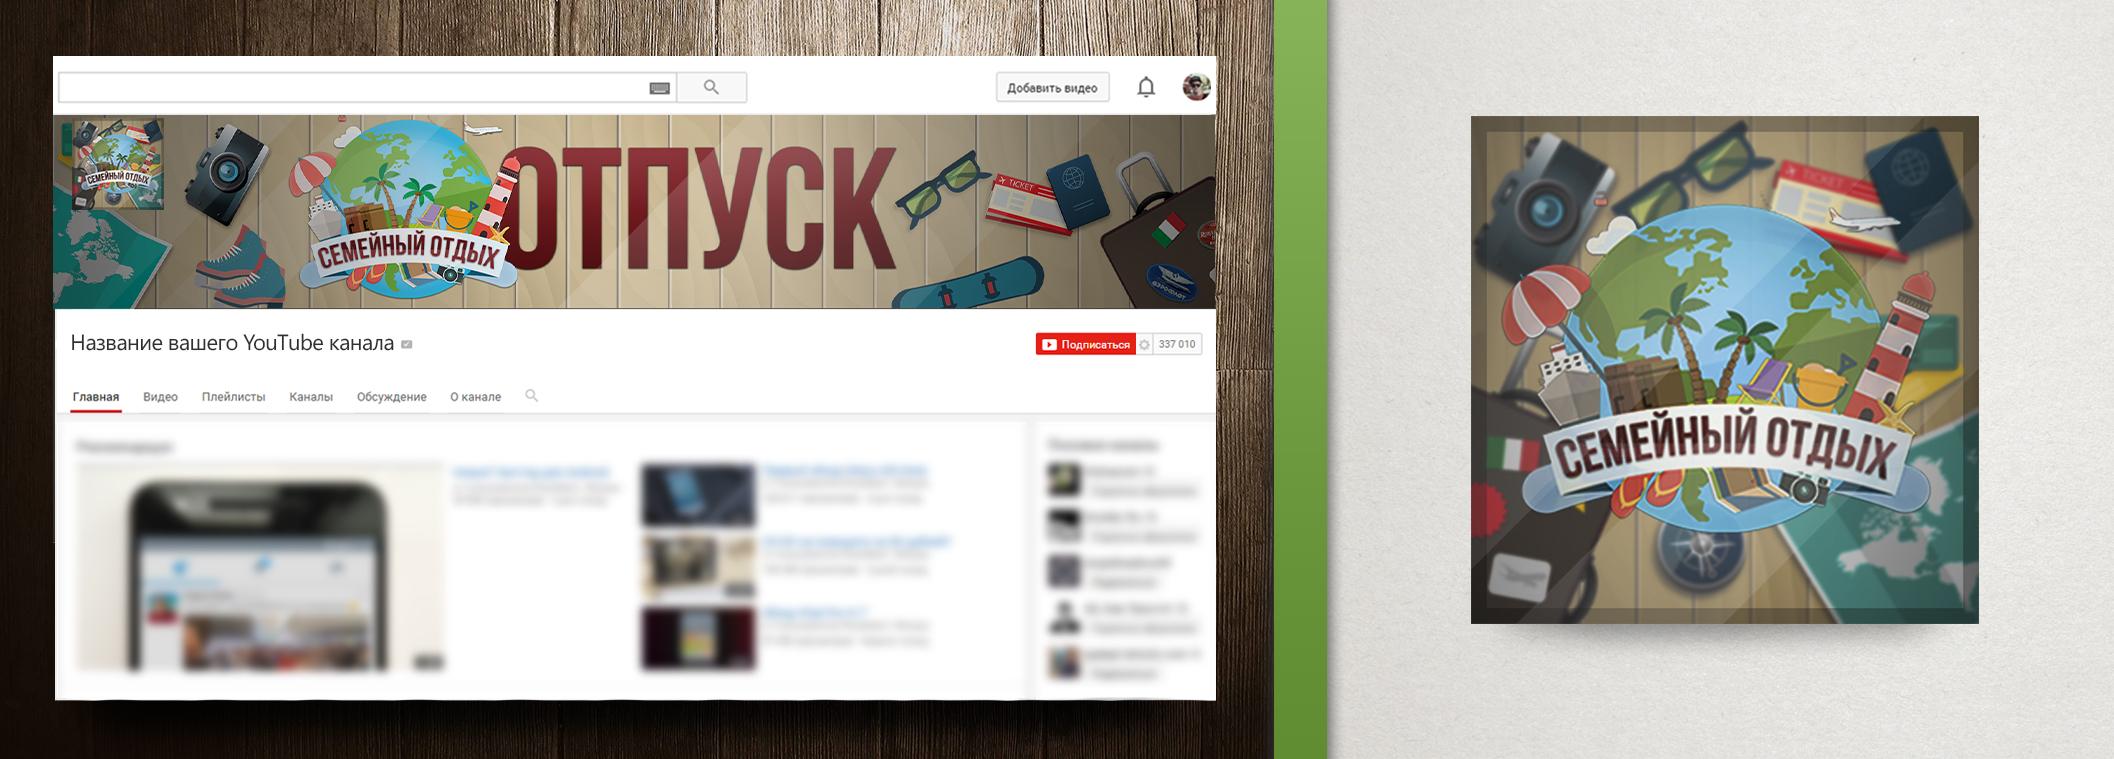 """Дизайн YouTube канала """"Отпуск"""""""